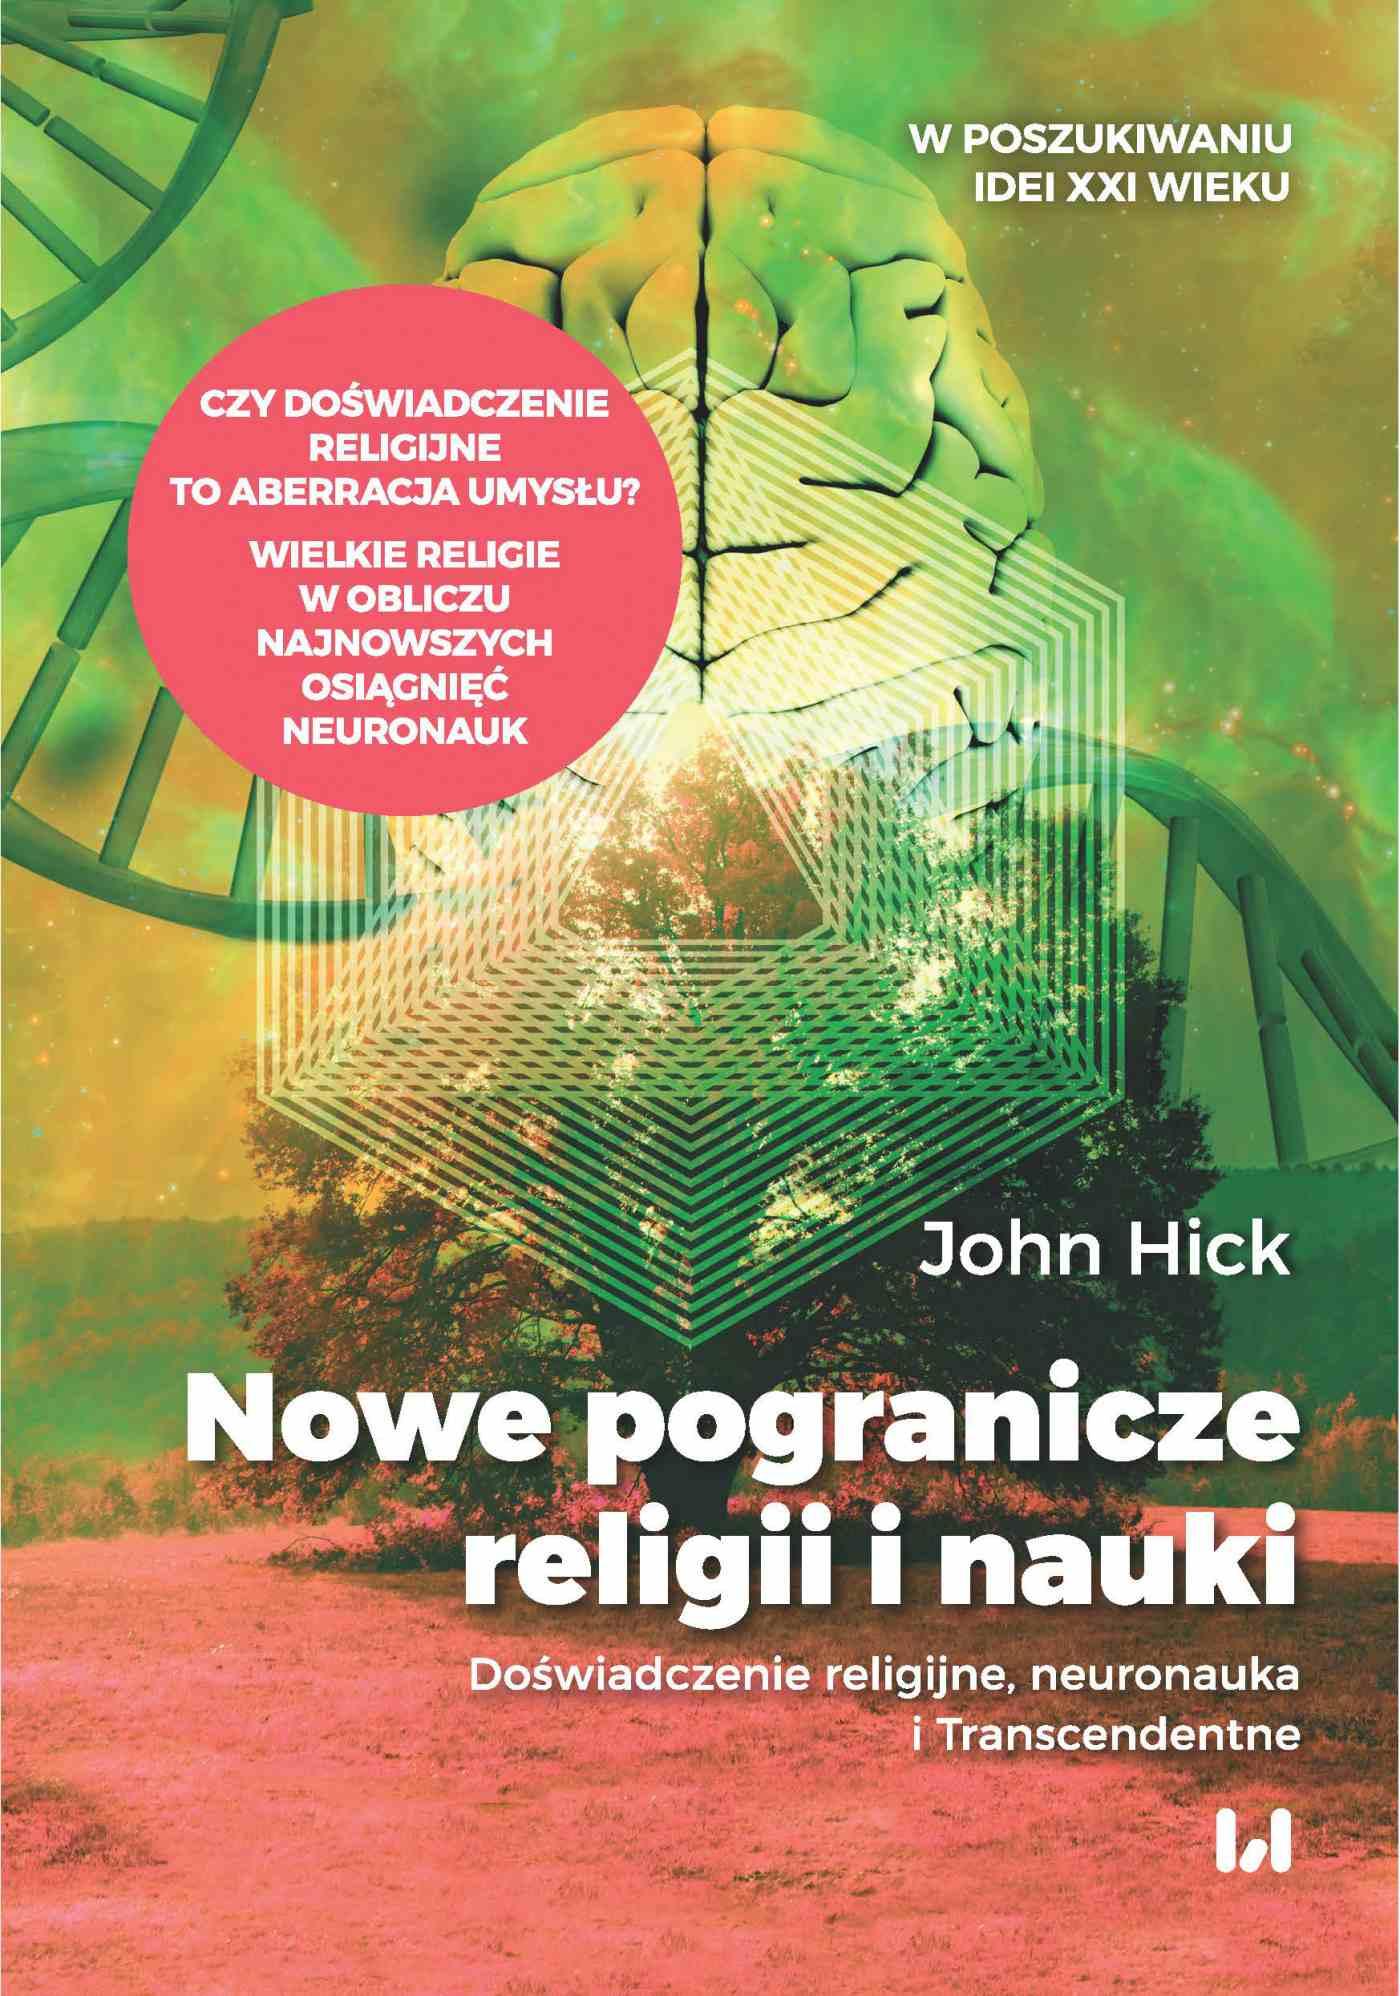 Nowe pogranicze religii i nauki. Doświadczenie religijne, neuronauka i Transcendentne - Ebook (Książka PDF) do pobrania w formacie PDF